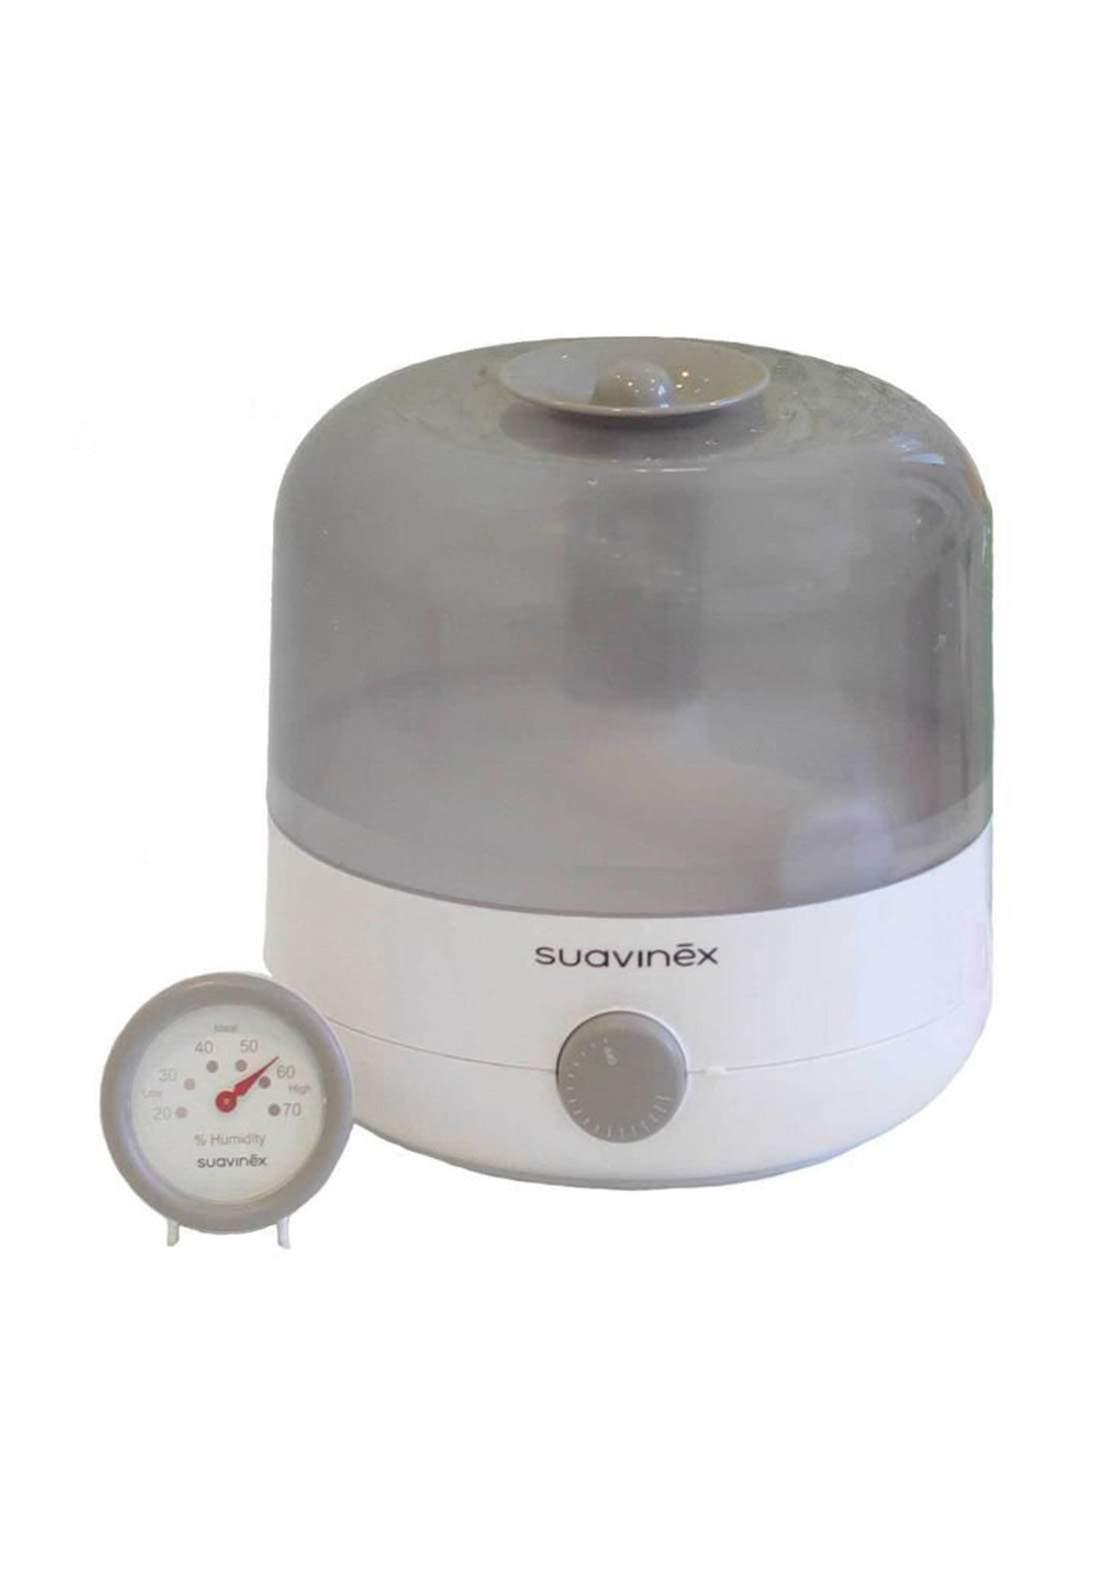 Suavinex Mist Humidifier مرطب الهواء للاطفال